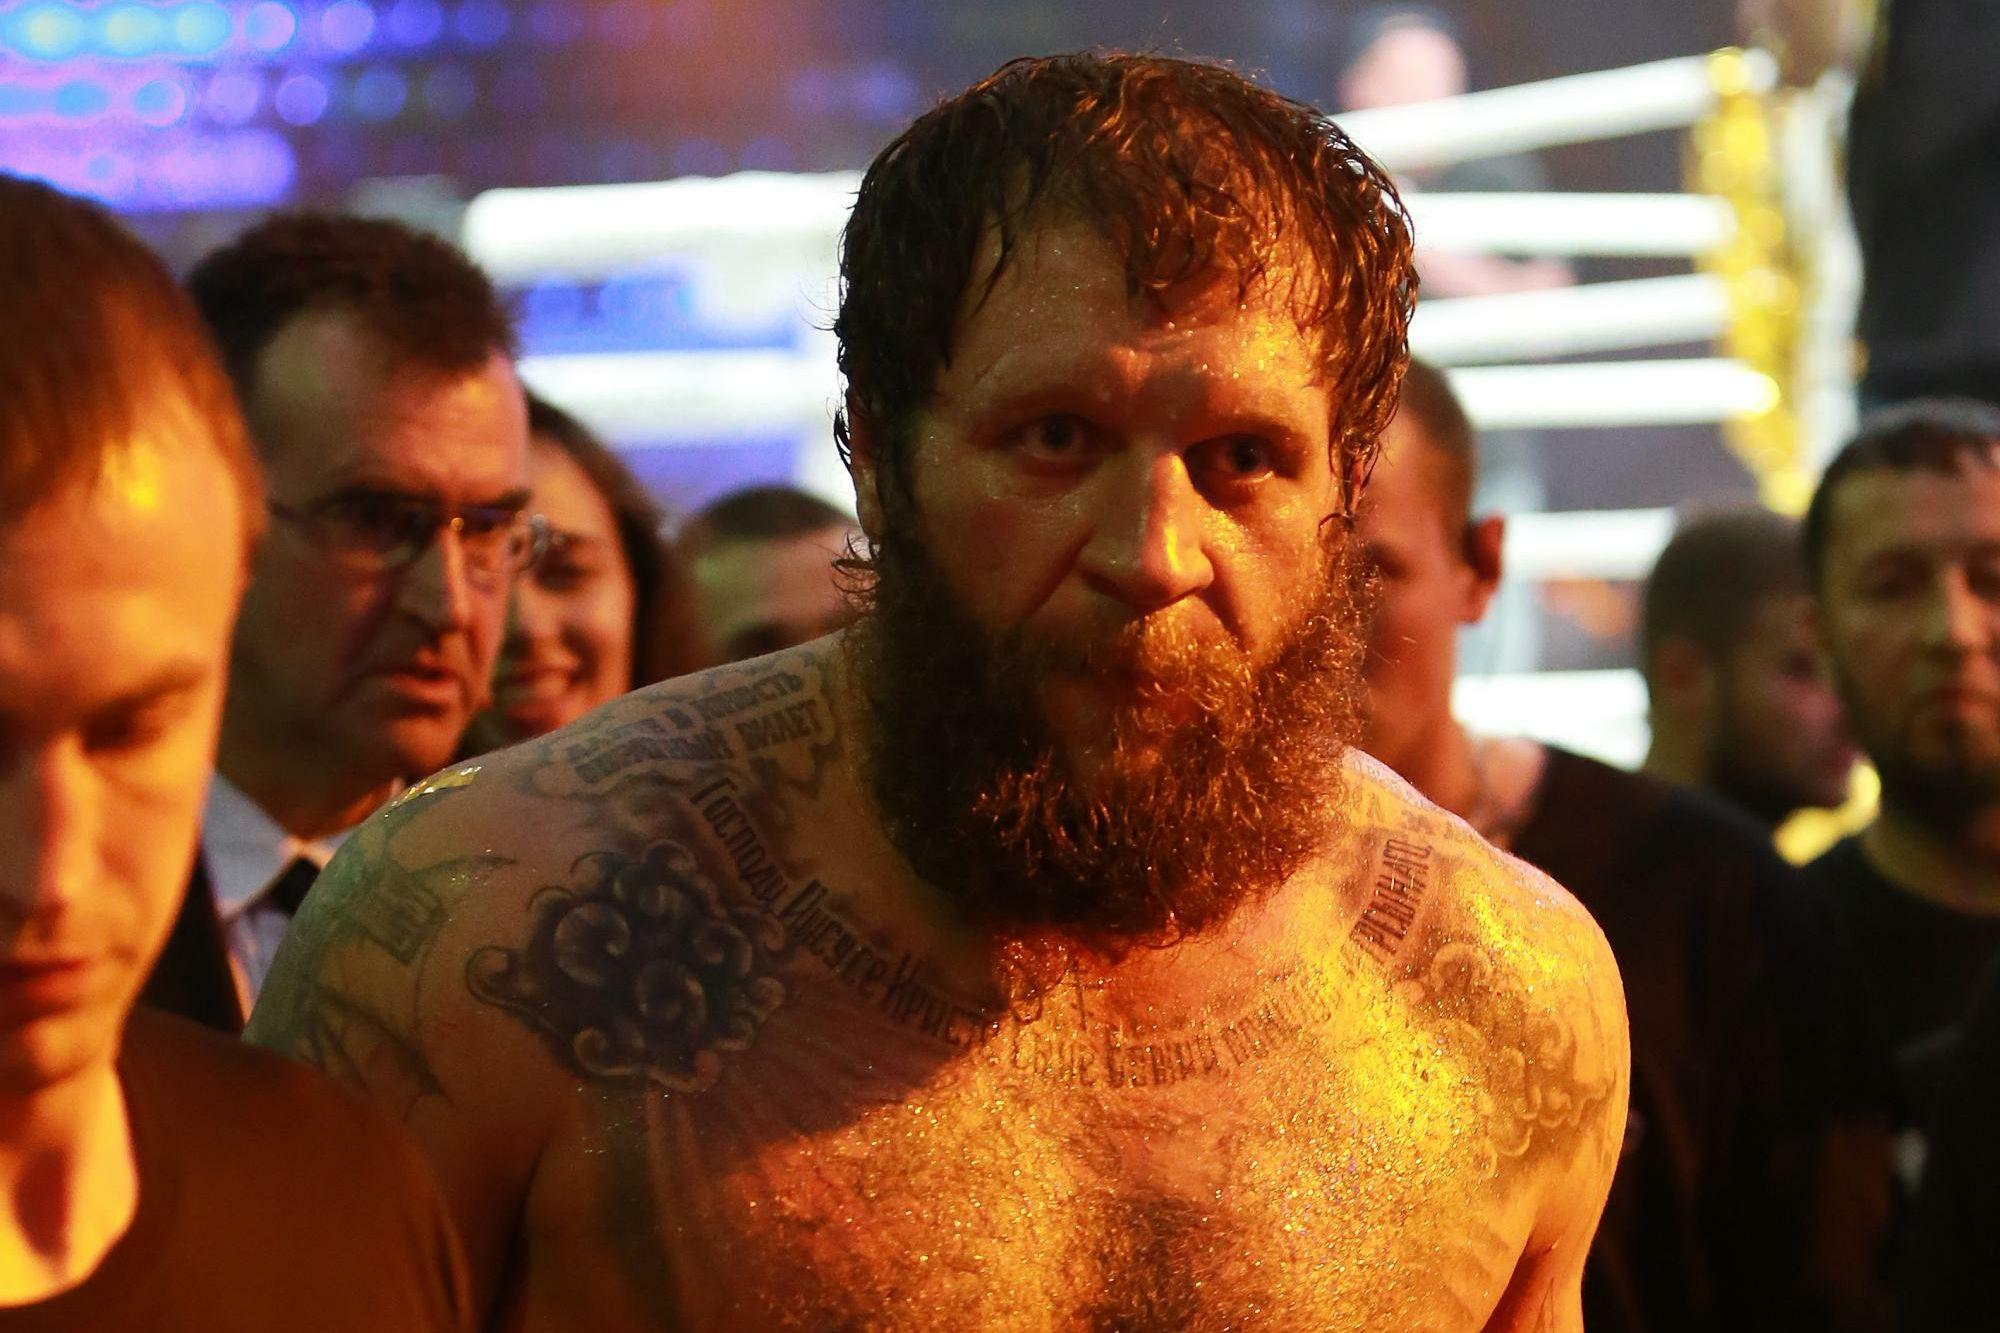 А. Емельяненко: 'Лучше буду в Чечне, в Москве надо постоянно кому-то помогать'